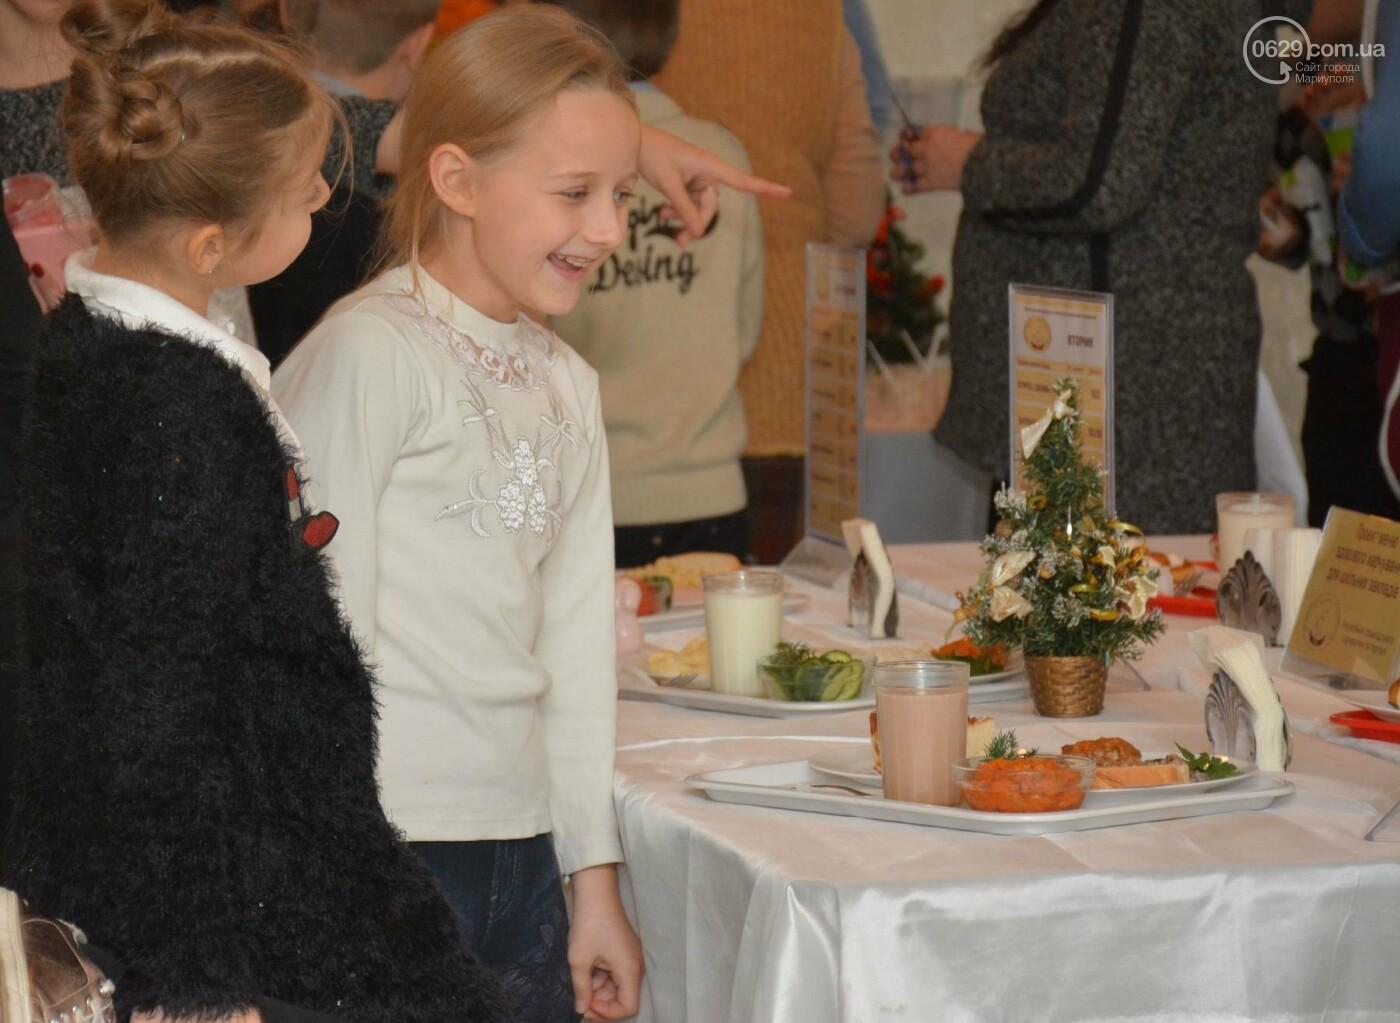 Больше молочных и мясных блюд, свежих овощей и фруктов: в ОШ № 15 представили обновленное меню для школьников., фото-36